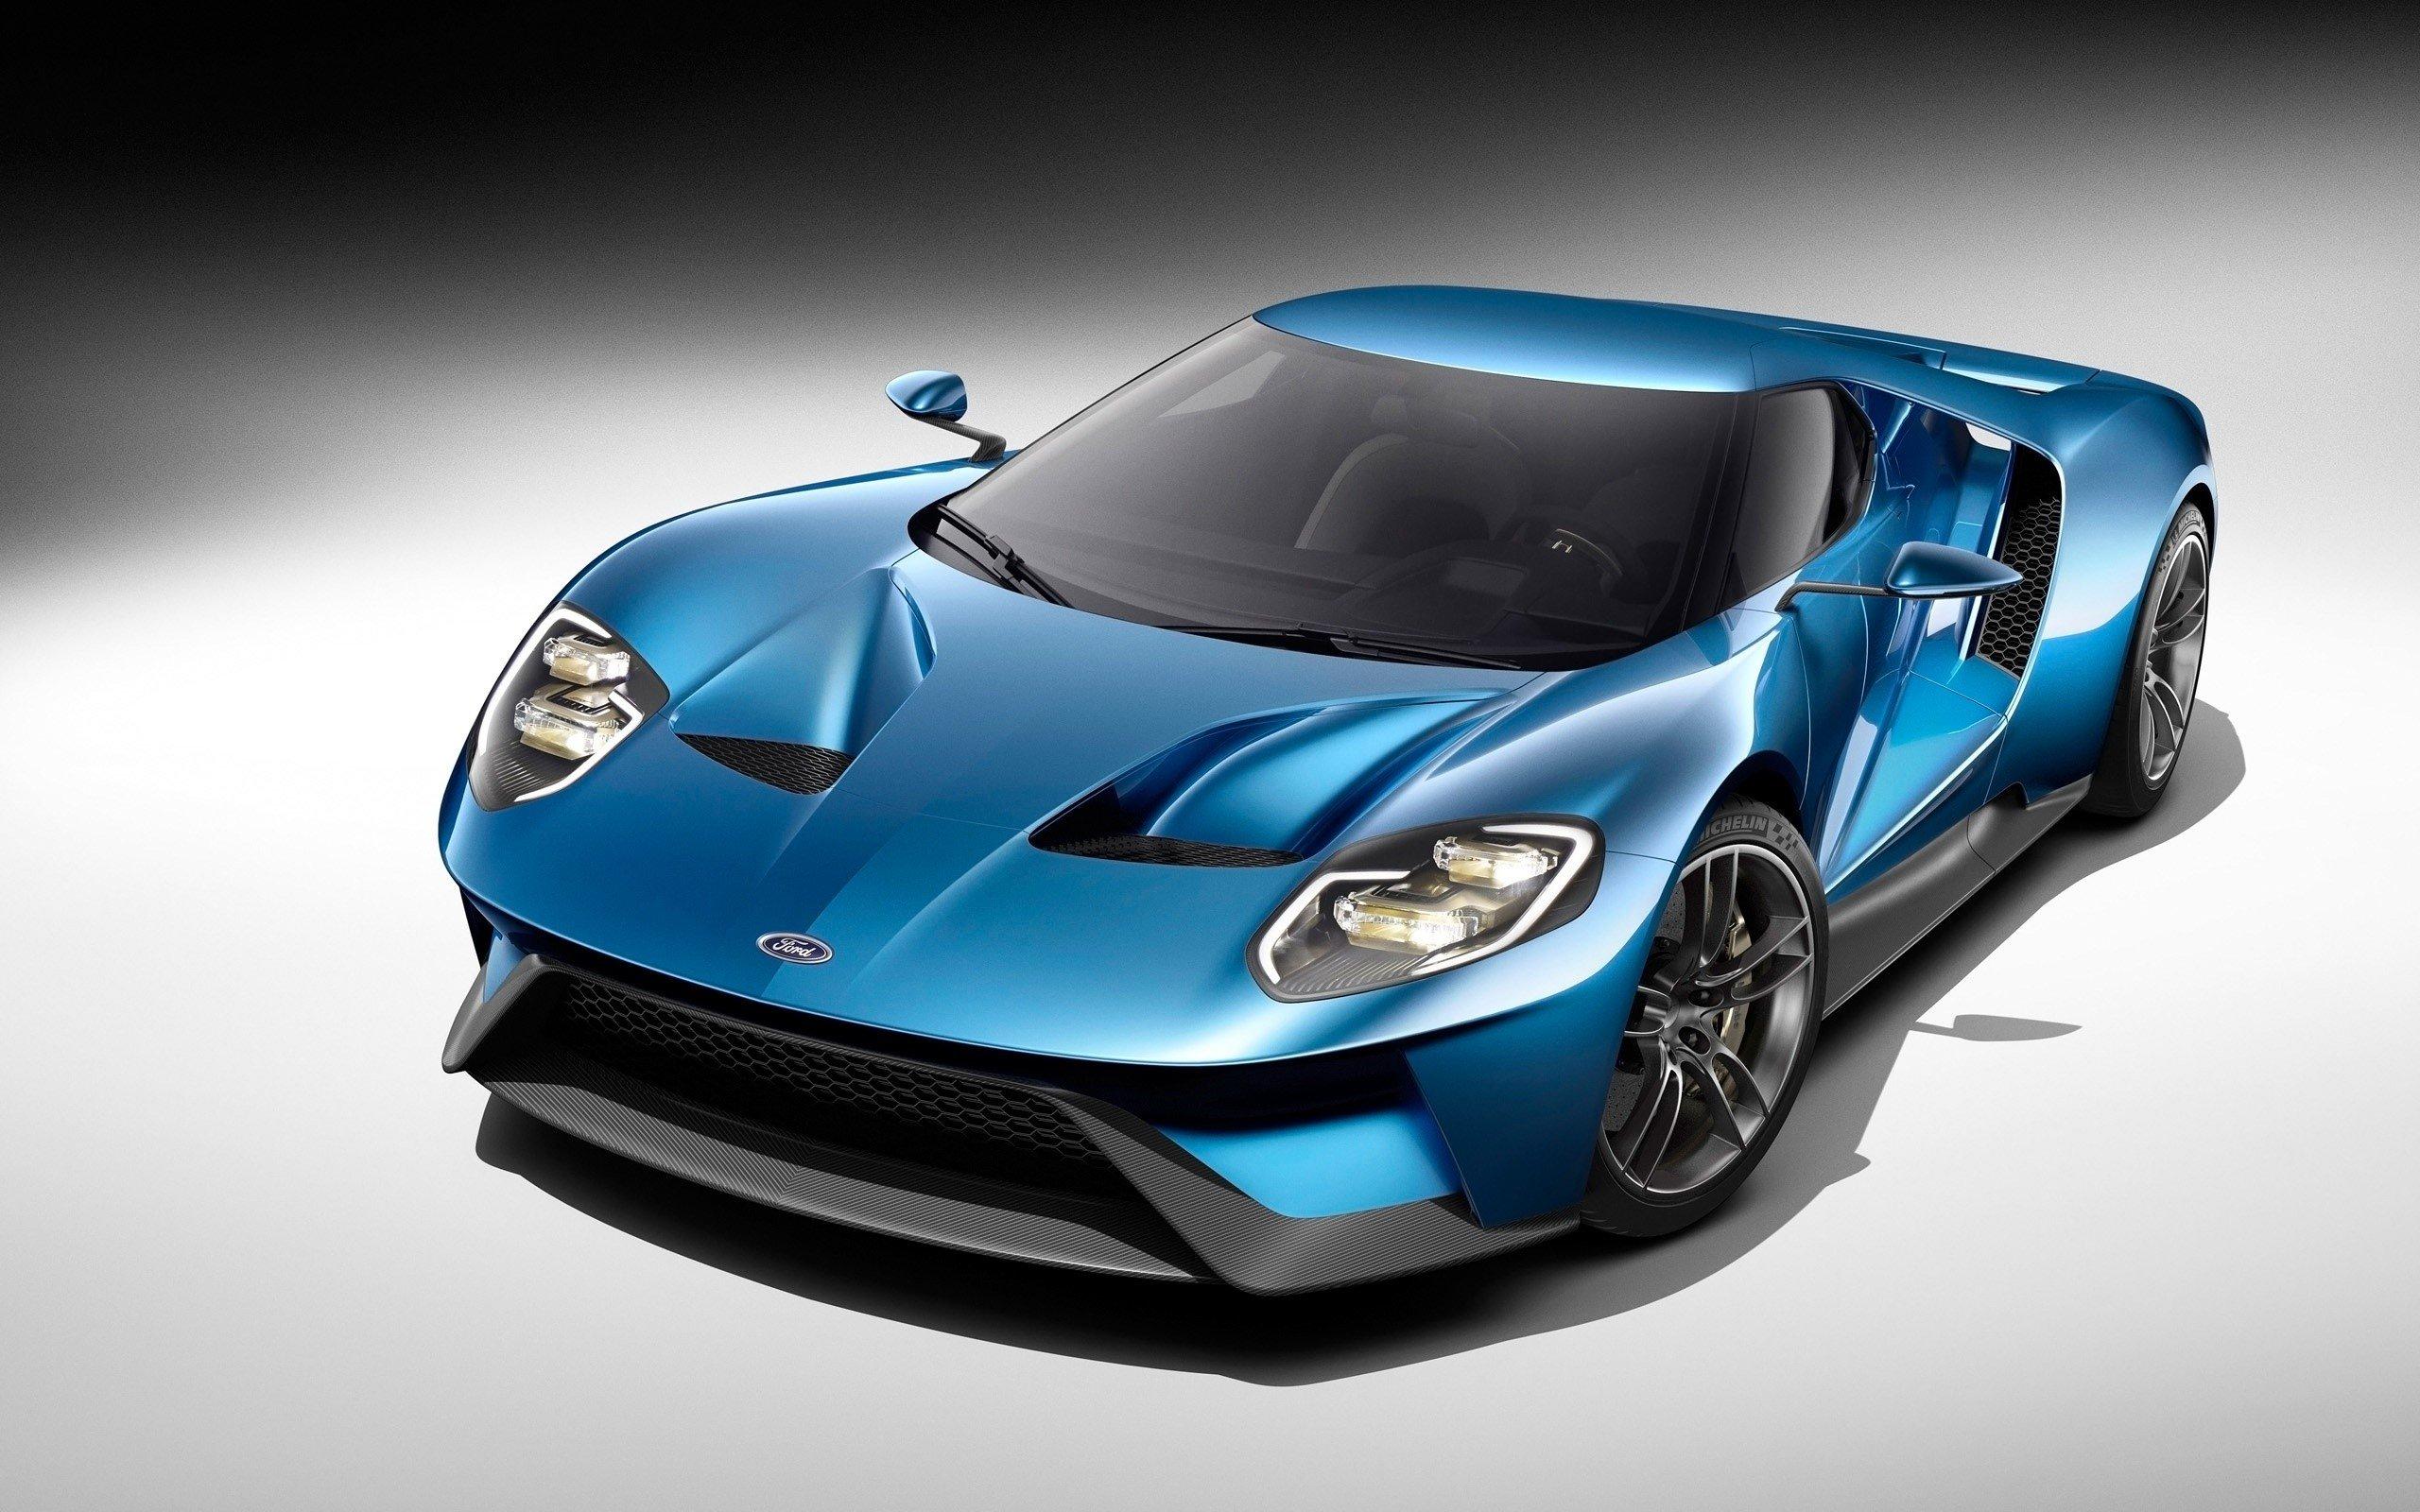 Fondos de pantalla Ford GT azul